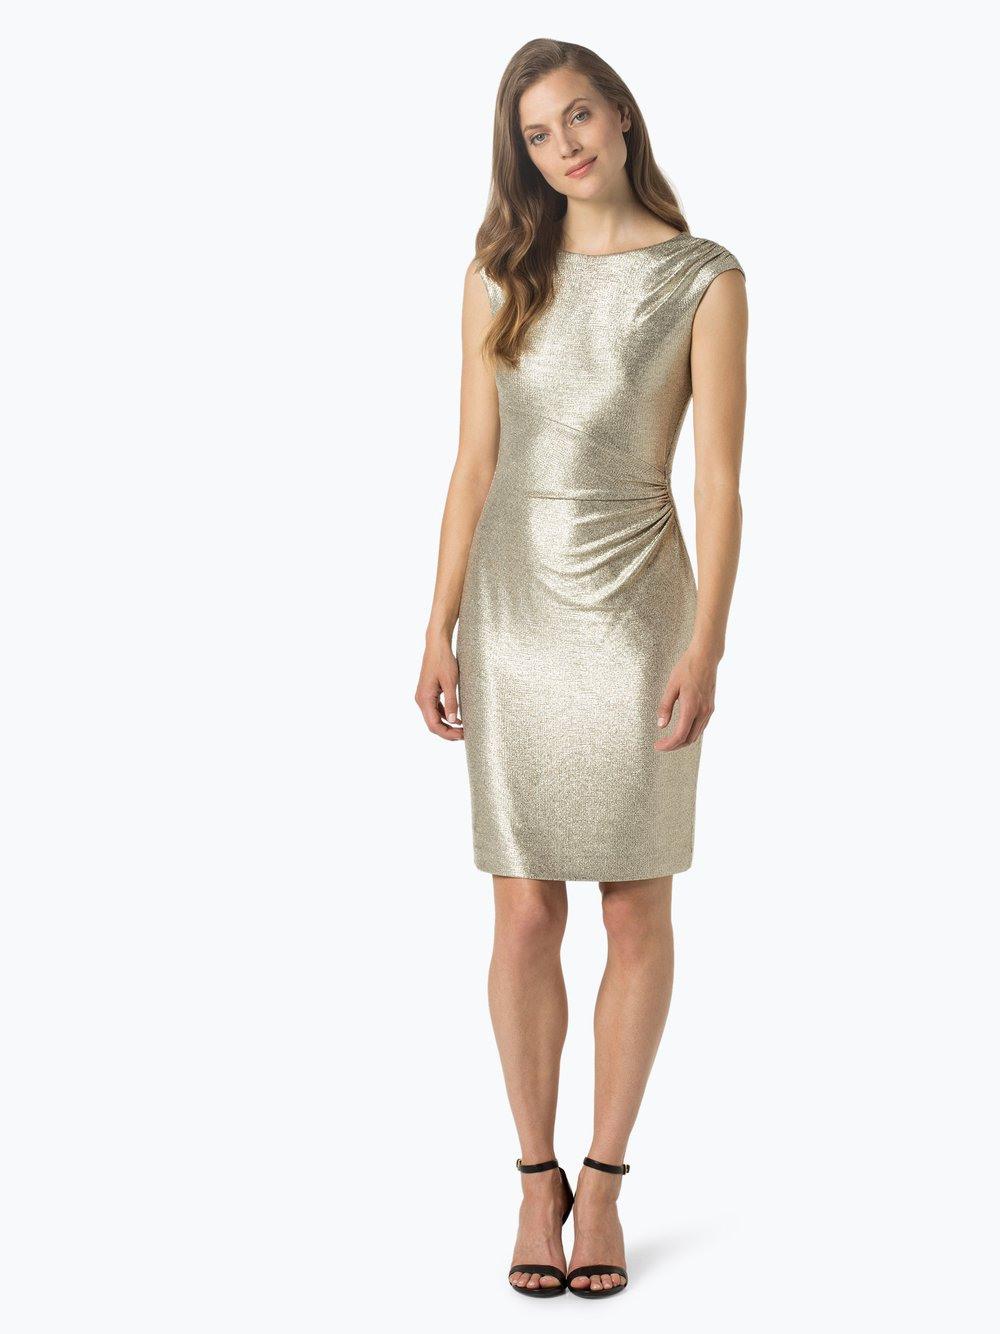 Abend Top Abendkleider Ralph Lauren VertriebAbend Elegant Abendkleider Ralph Lauren Bester Preis